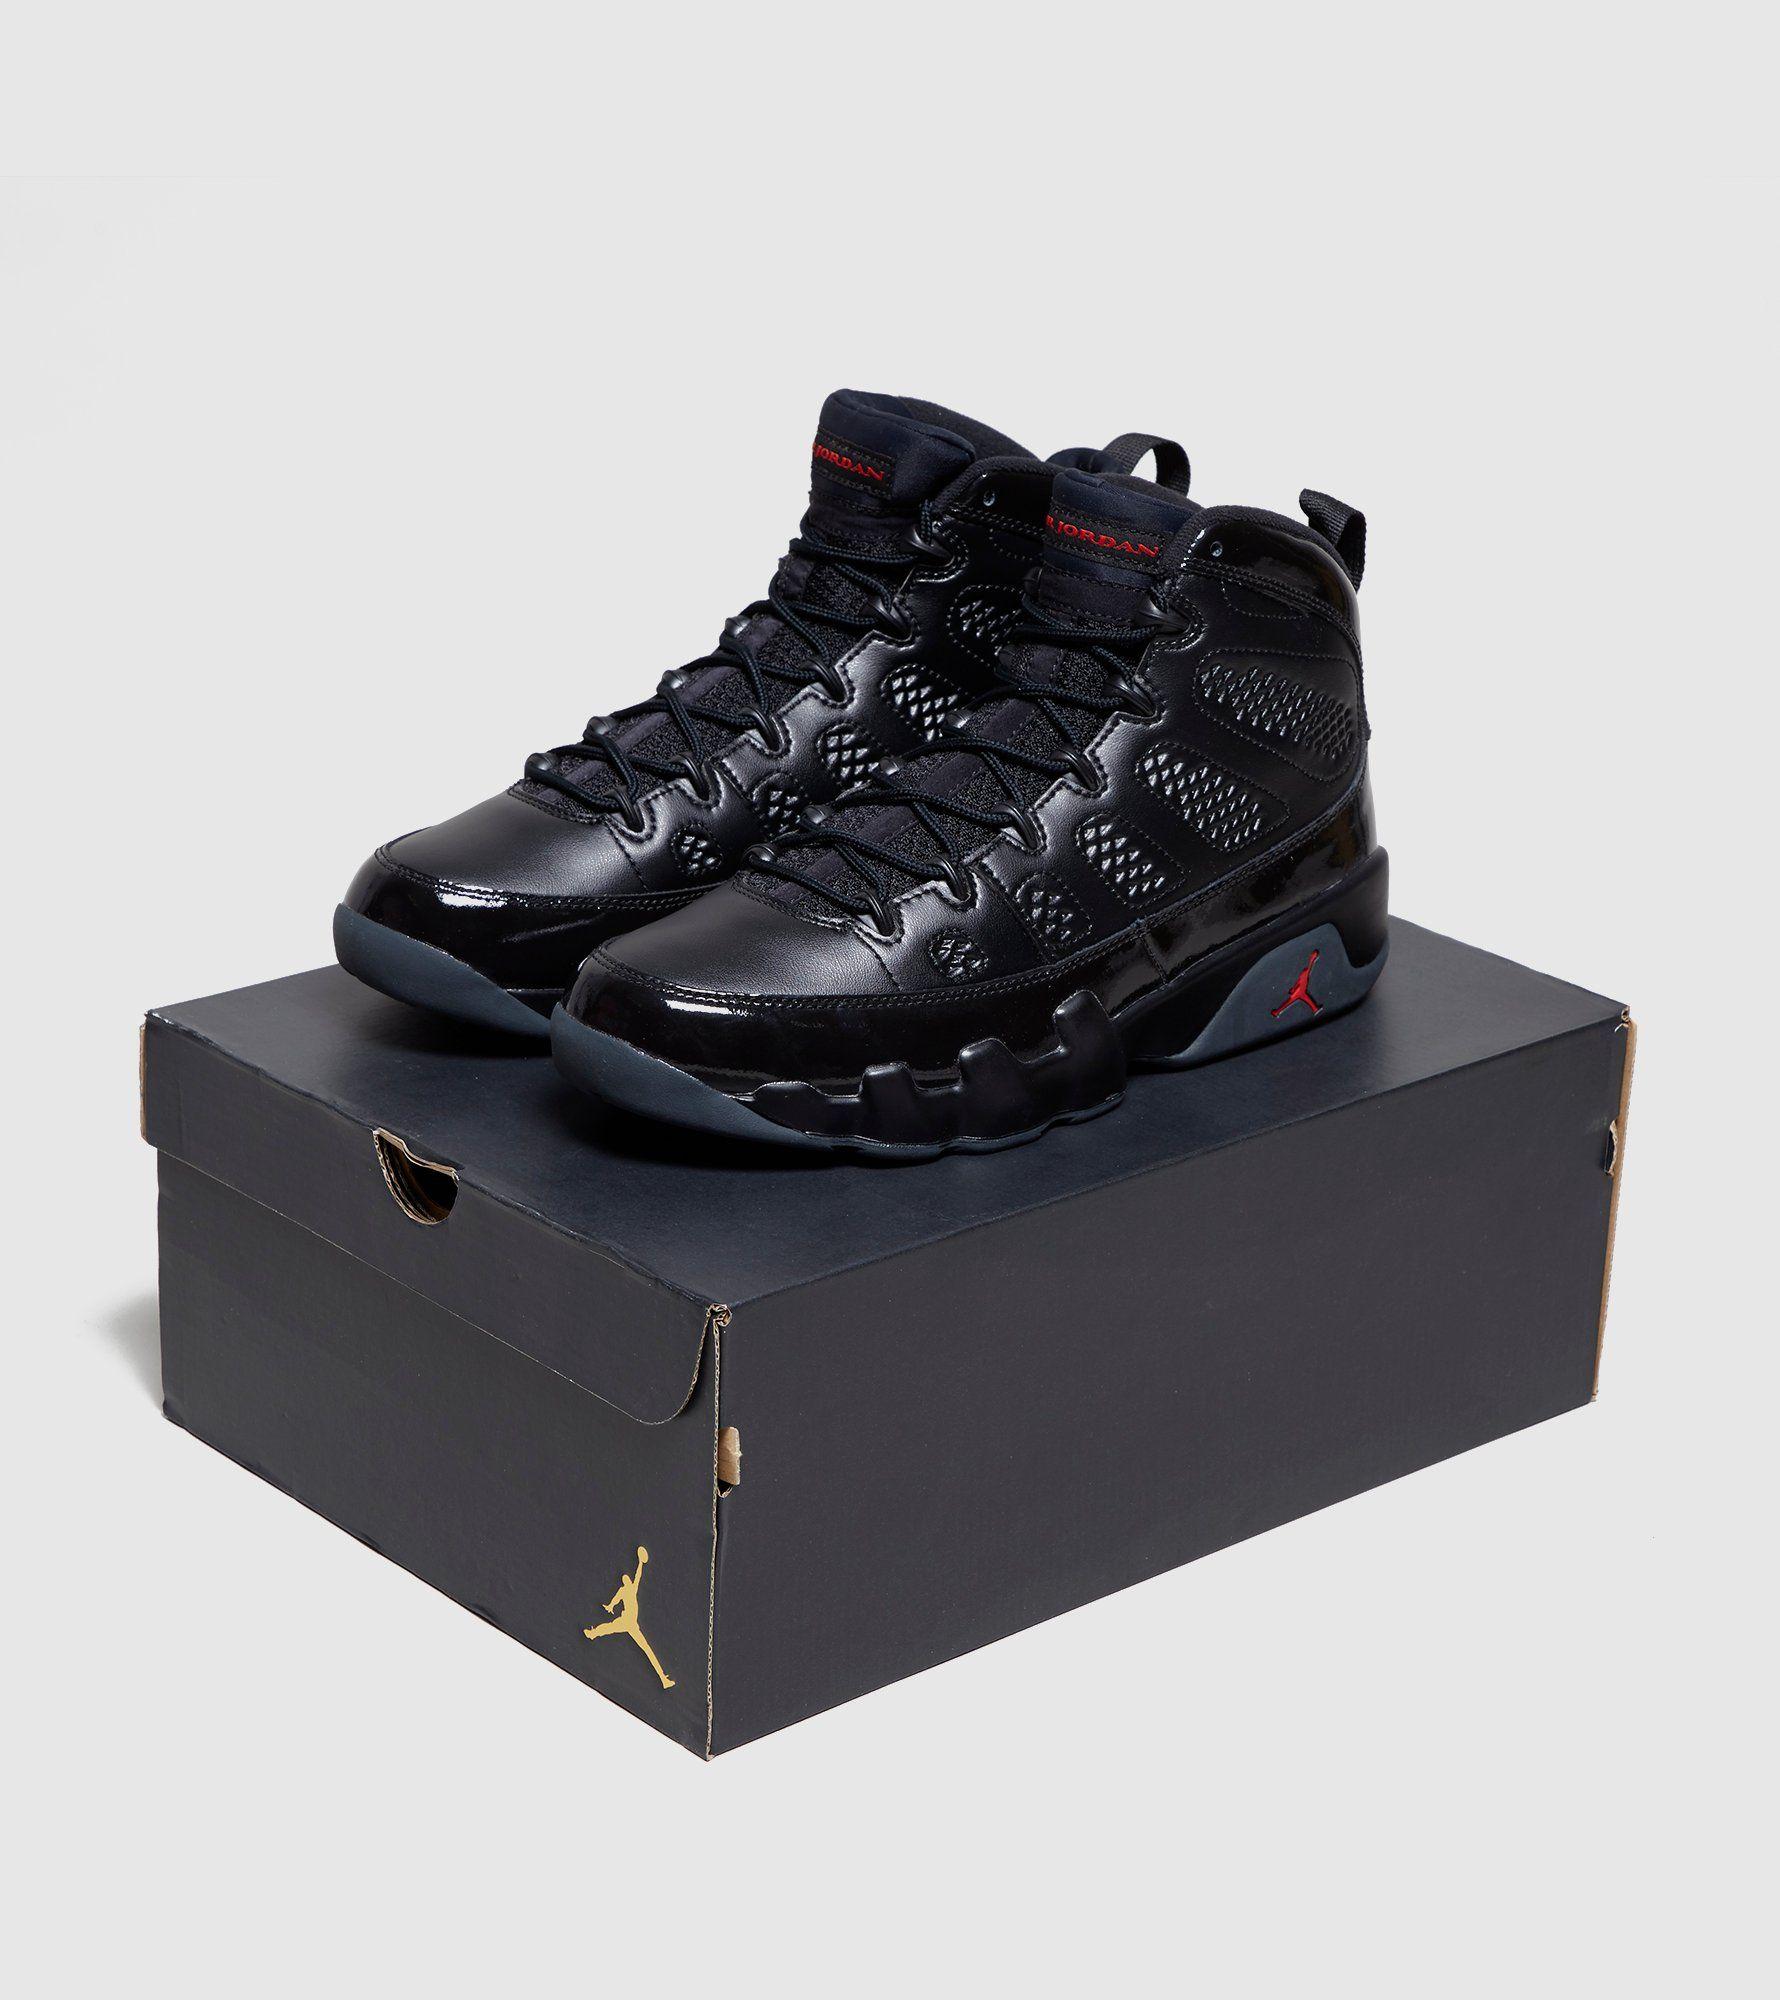 Jordan 9 Retro